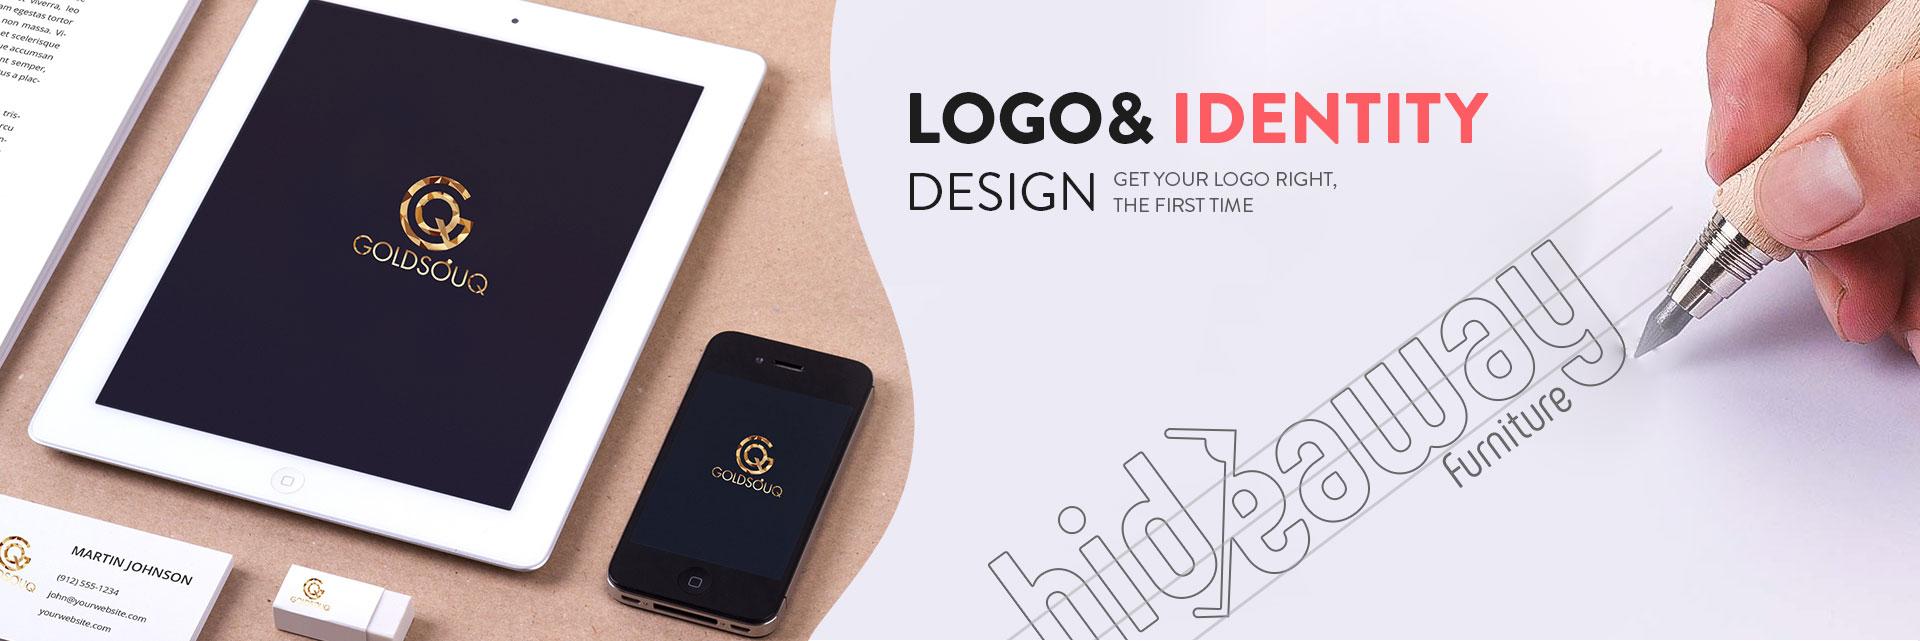 Logo Design Services Dubai.